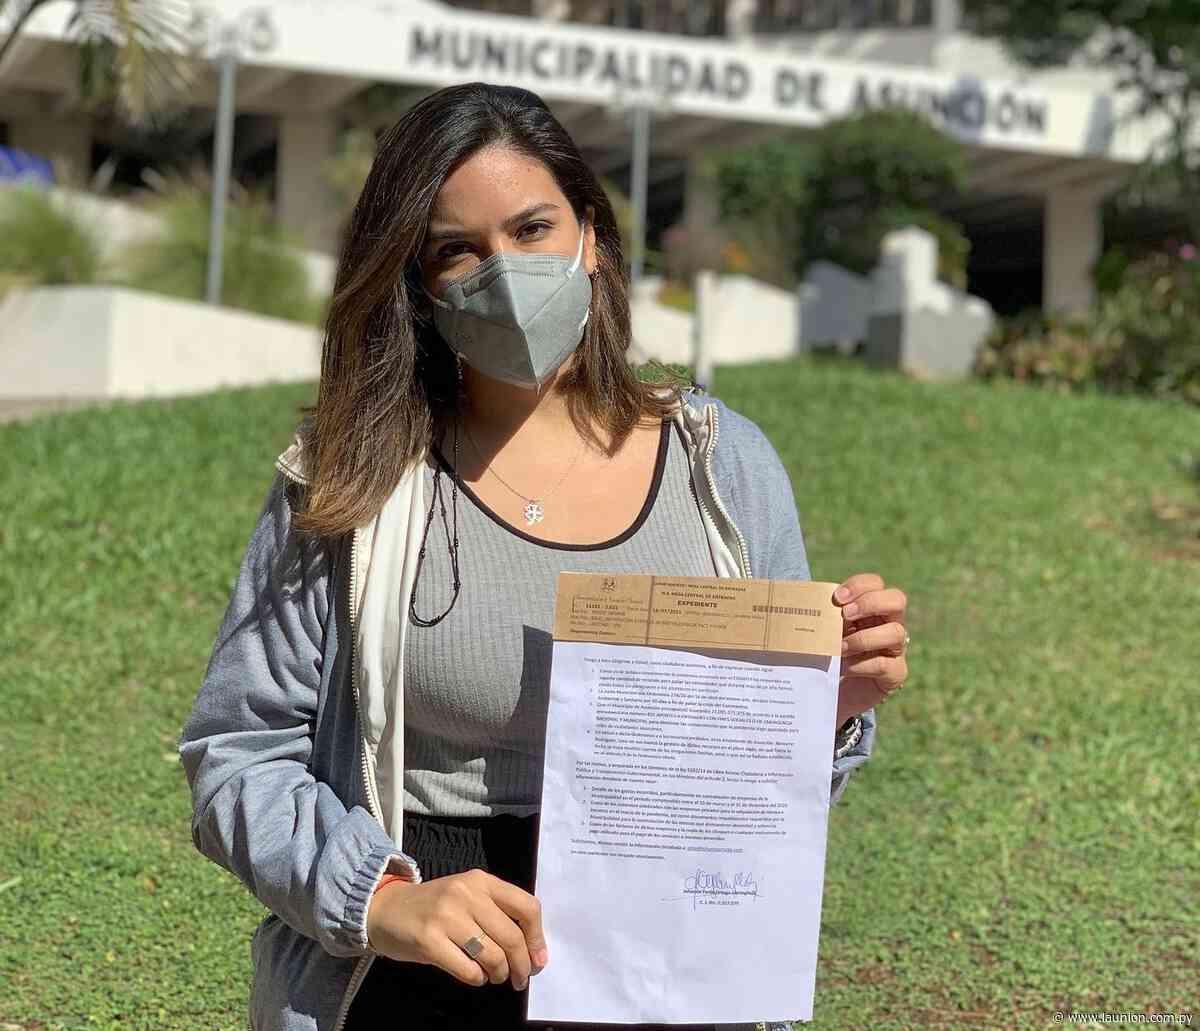 Johanna Ortega mantiene su candidatura opositora independiente a intendencia de Asunción - La Unión - launion.com.py